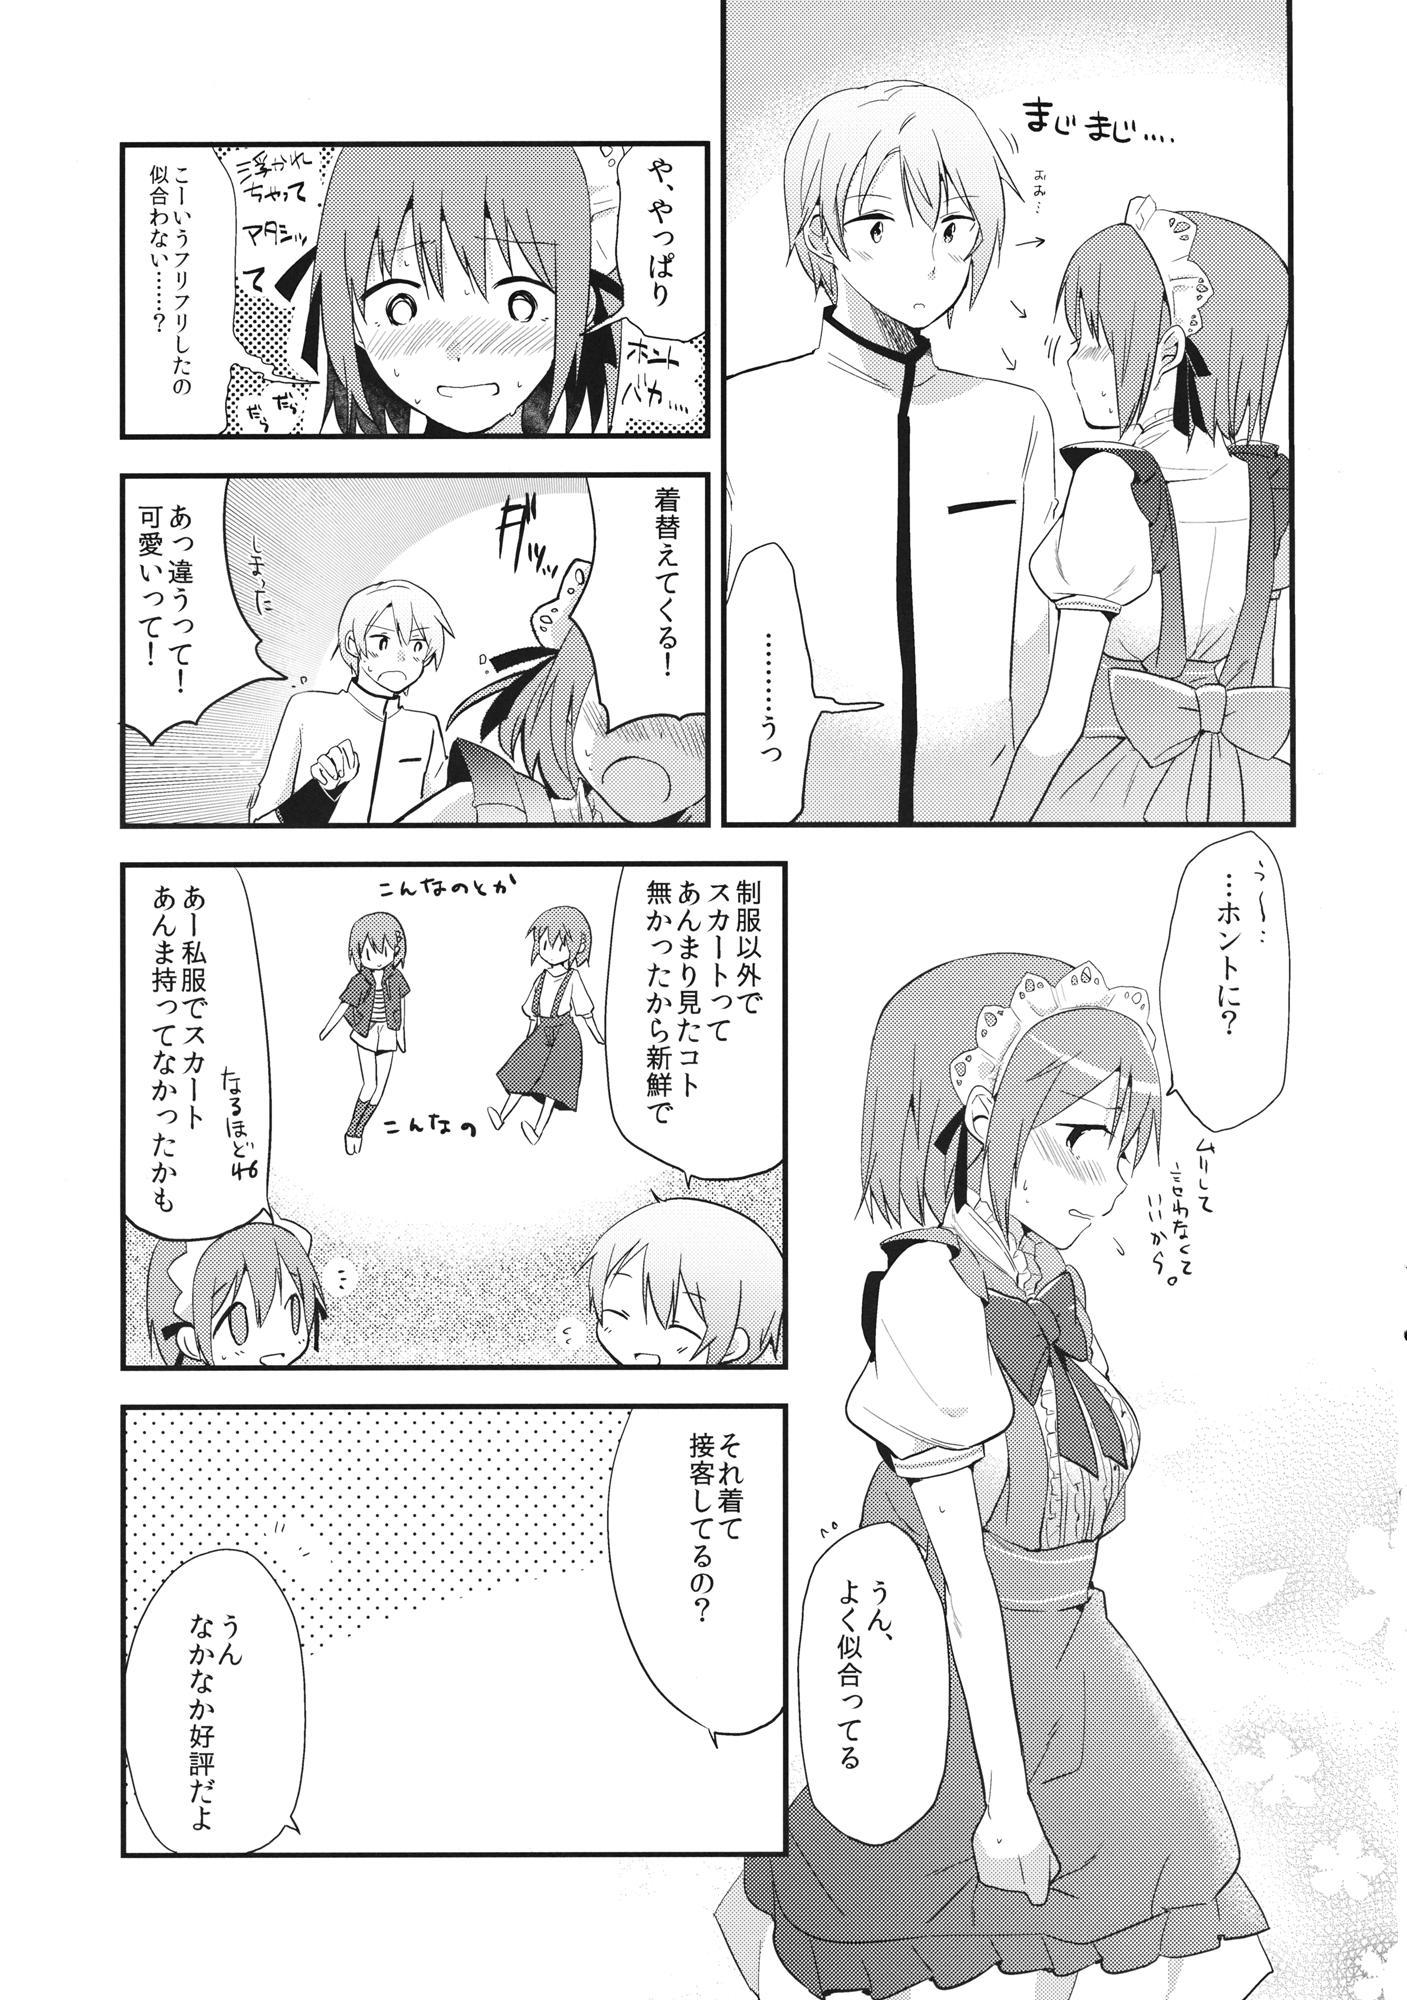 Maid Sayaka ga Gohoushi Shichau Hon 9